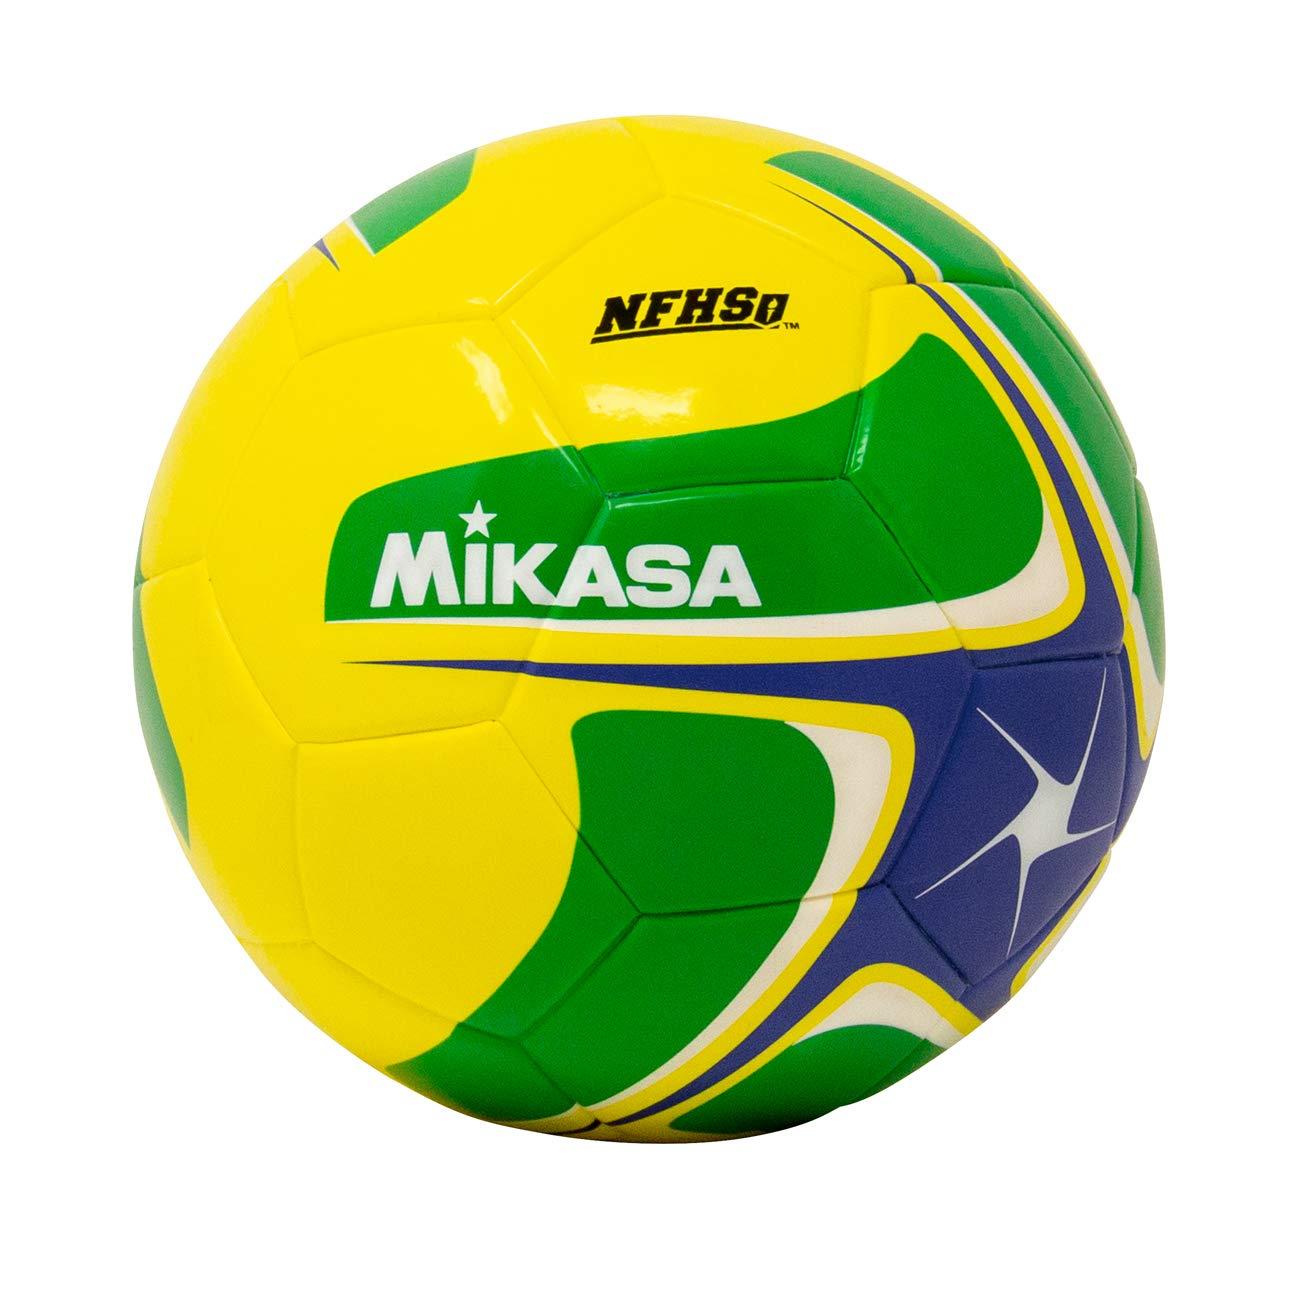 Mikasa D59 SCE Series Pelota de fútbol: Amazon.es: Deportes y aire ...